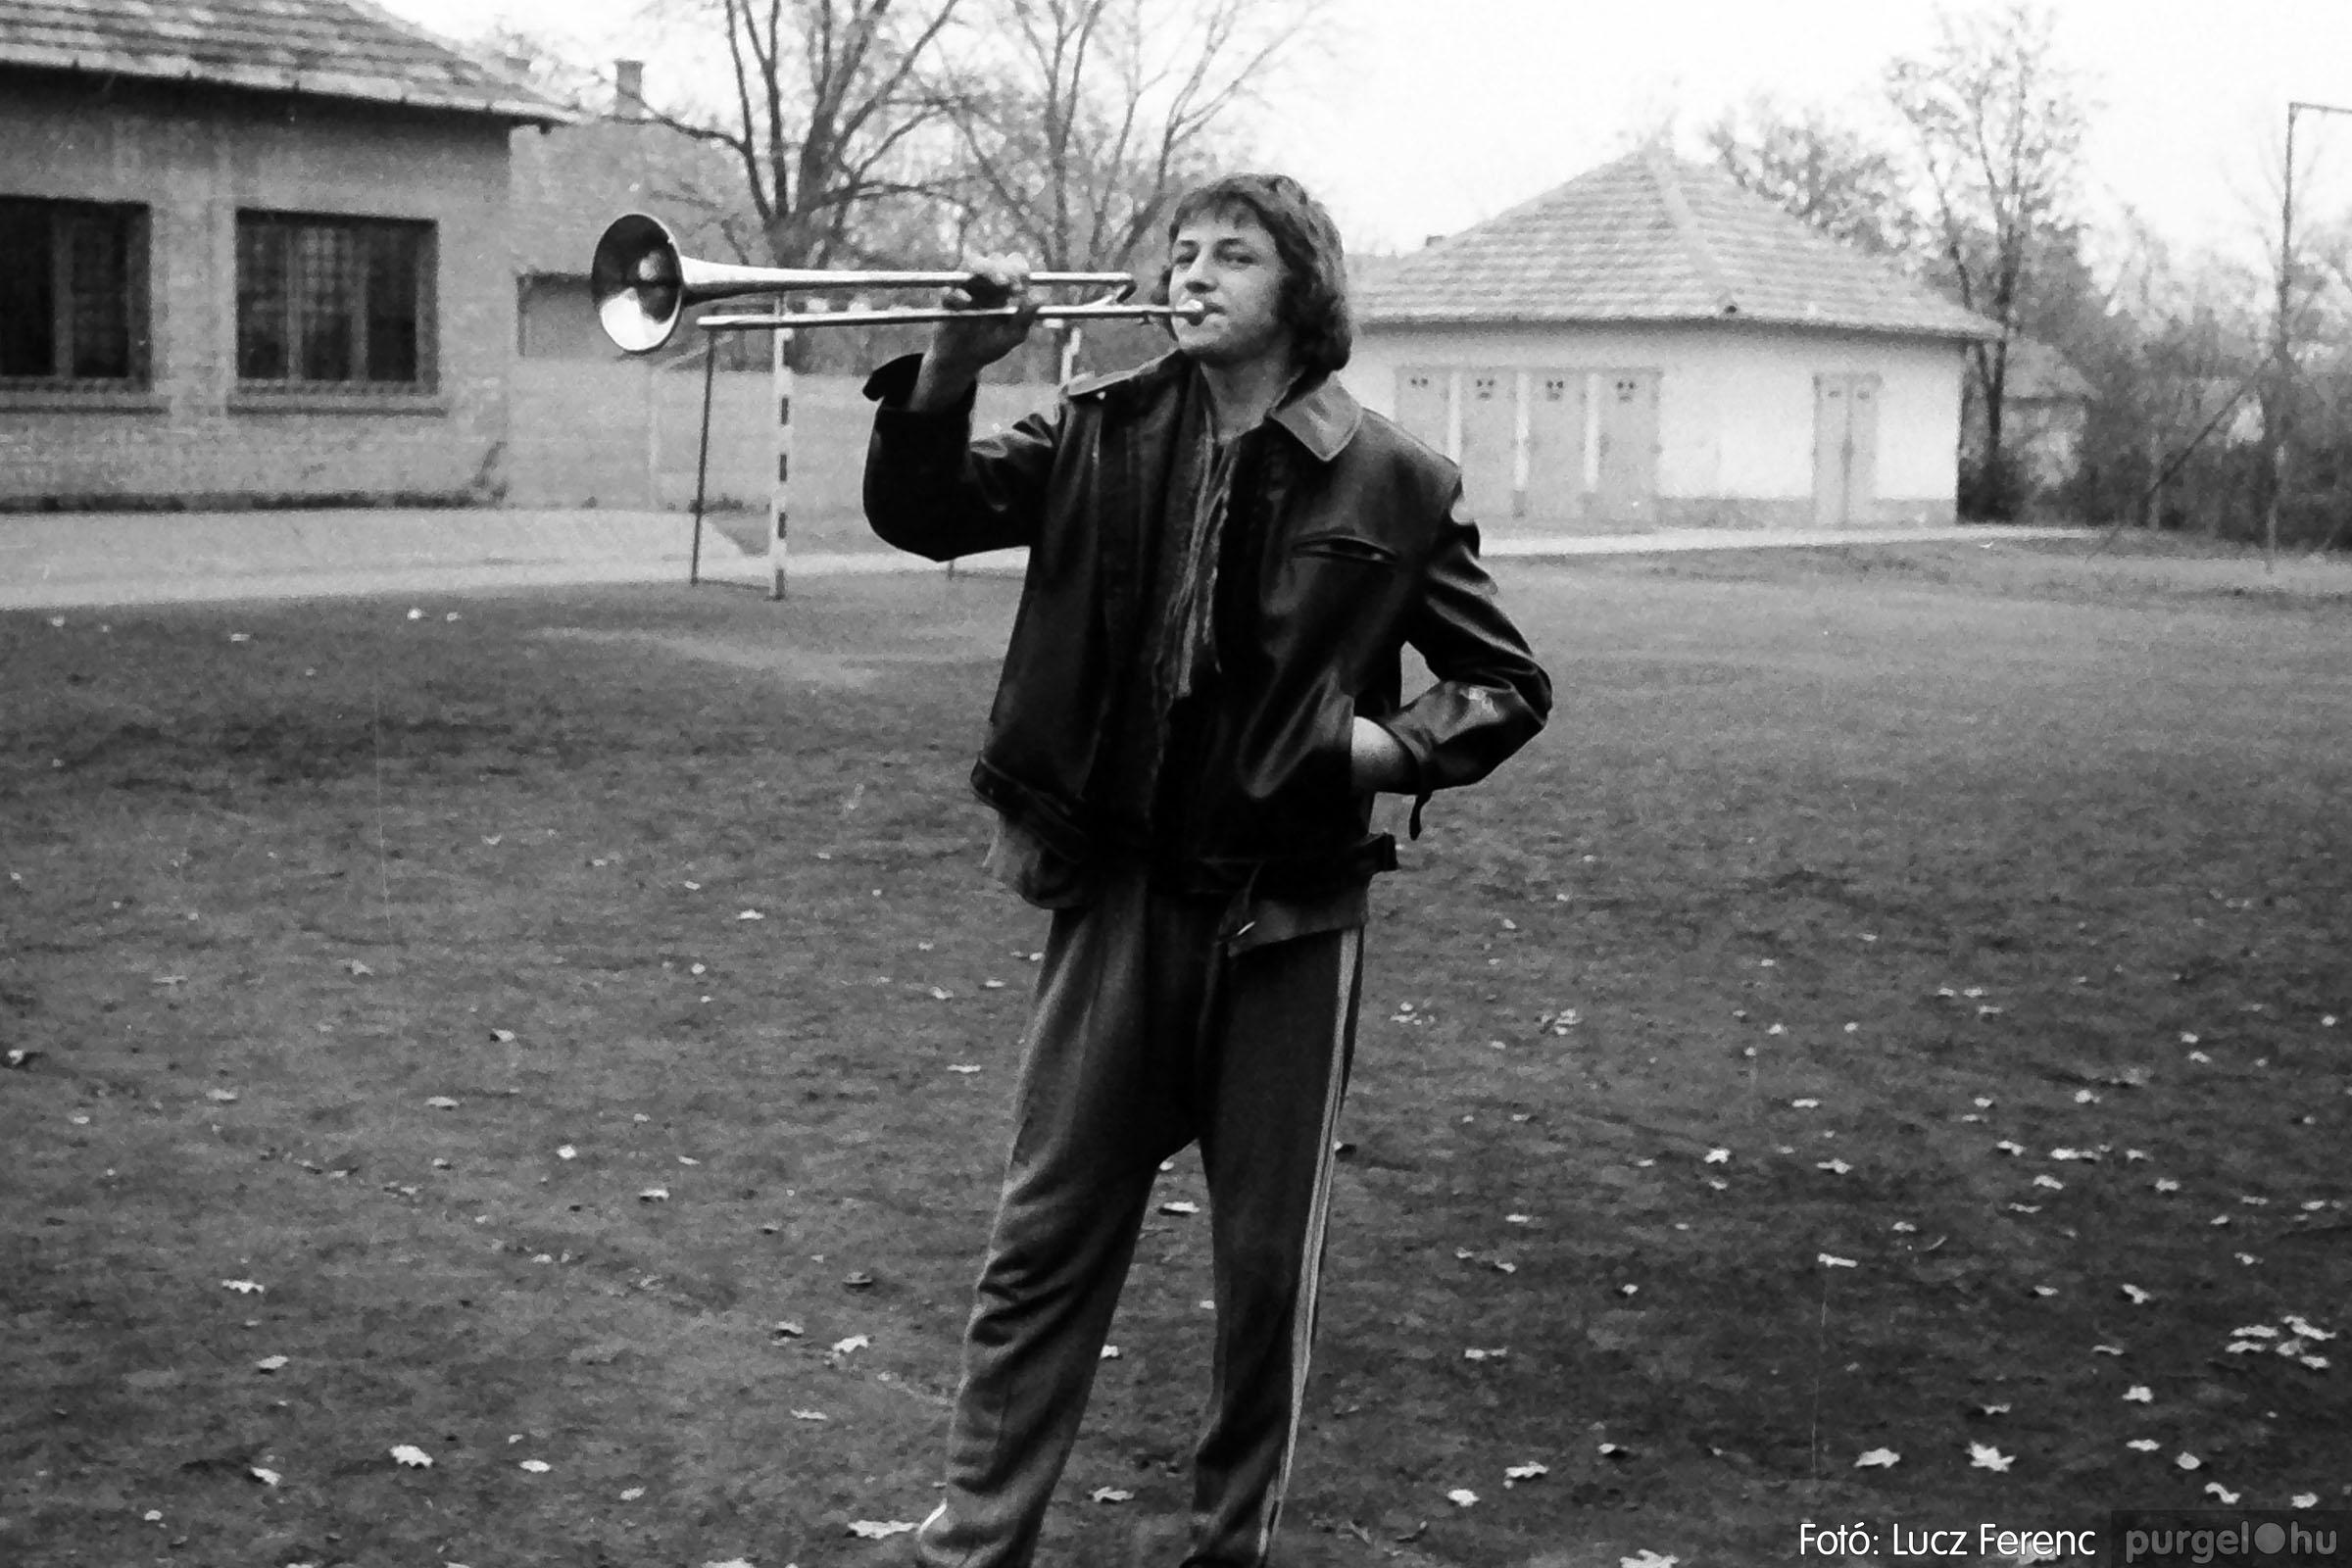 004A 1970-es évek - Úttörő rendezvény 026 - Fotó: Lucz Ferenc IMG00037q.jpg